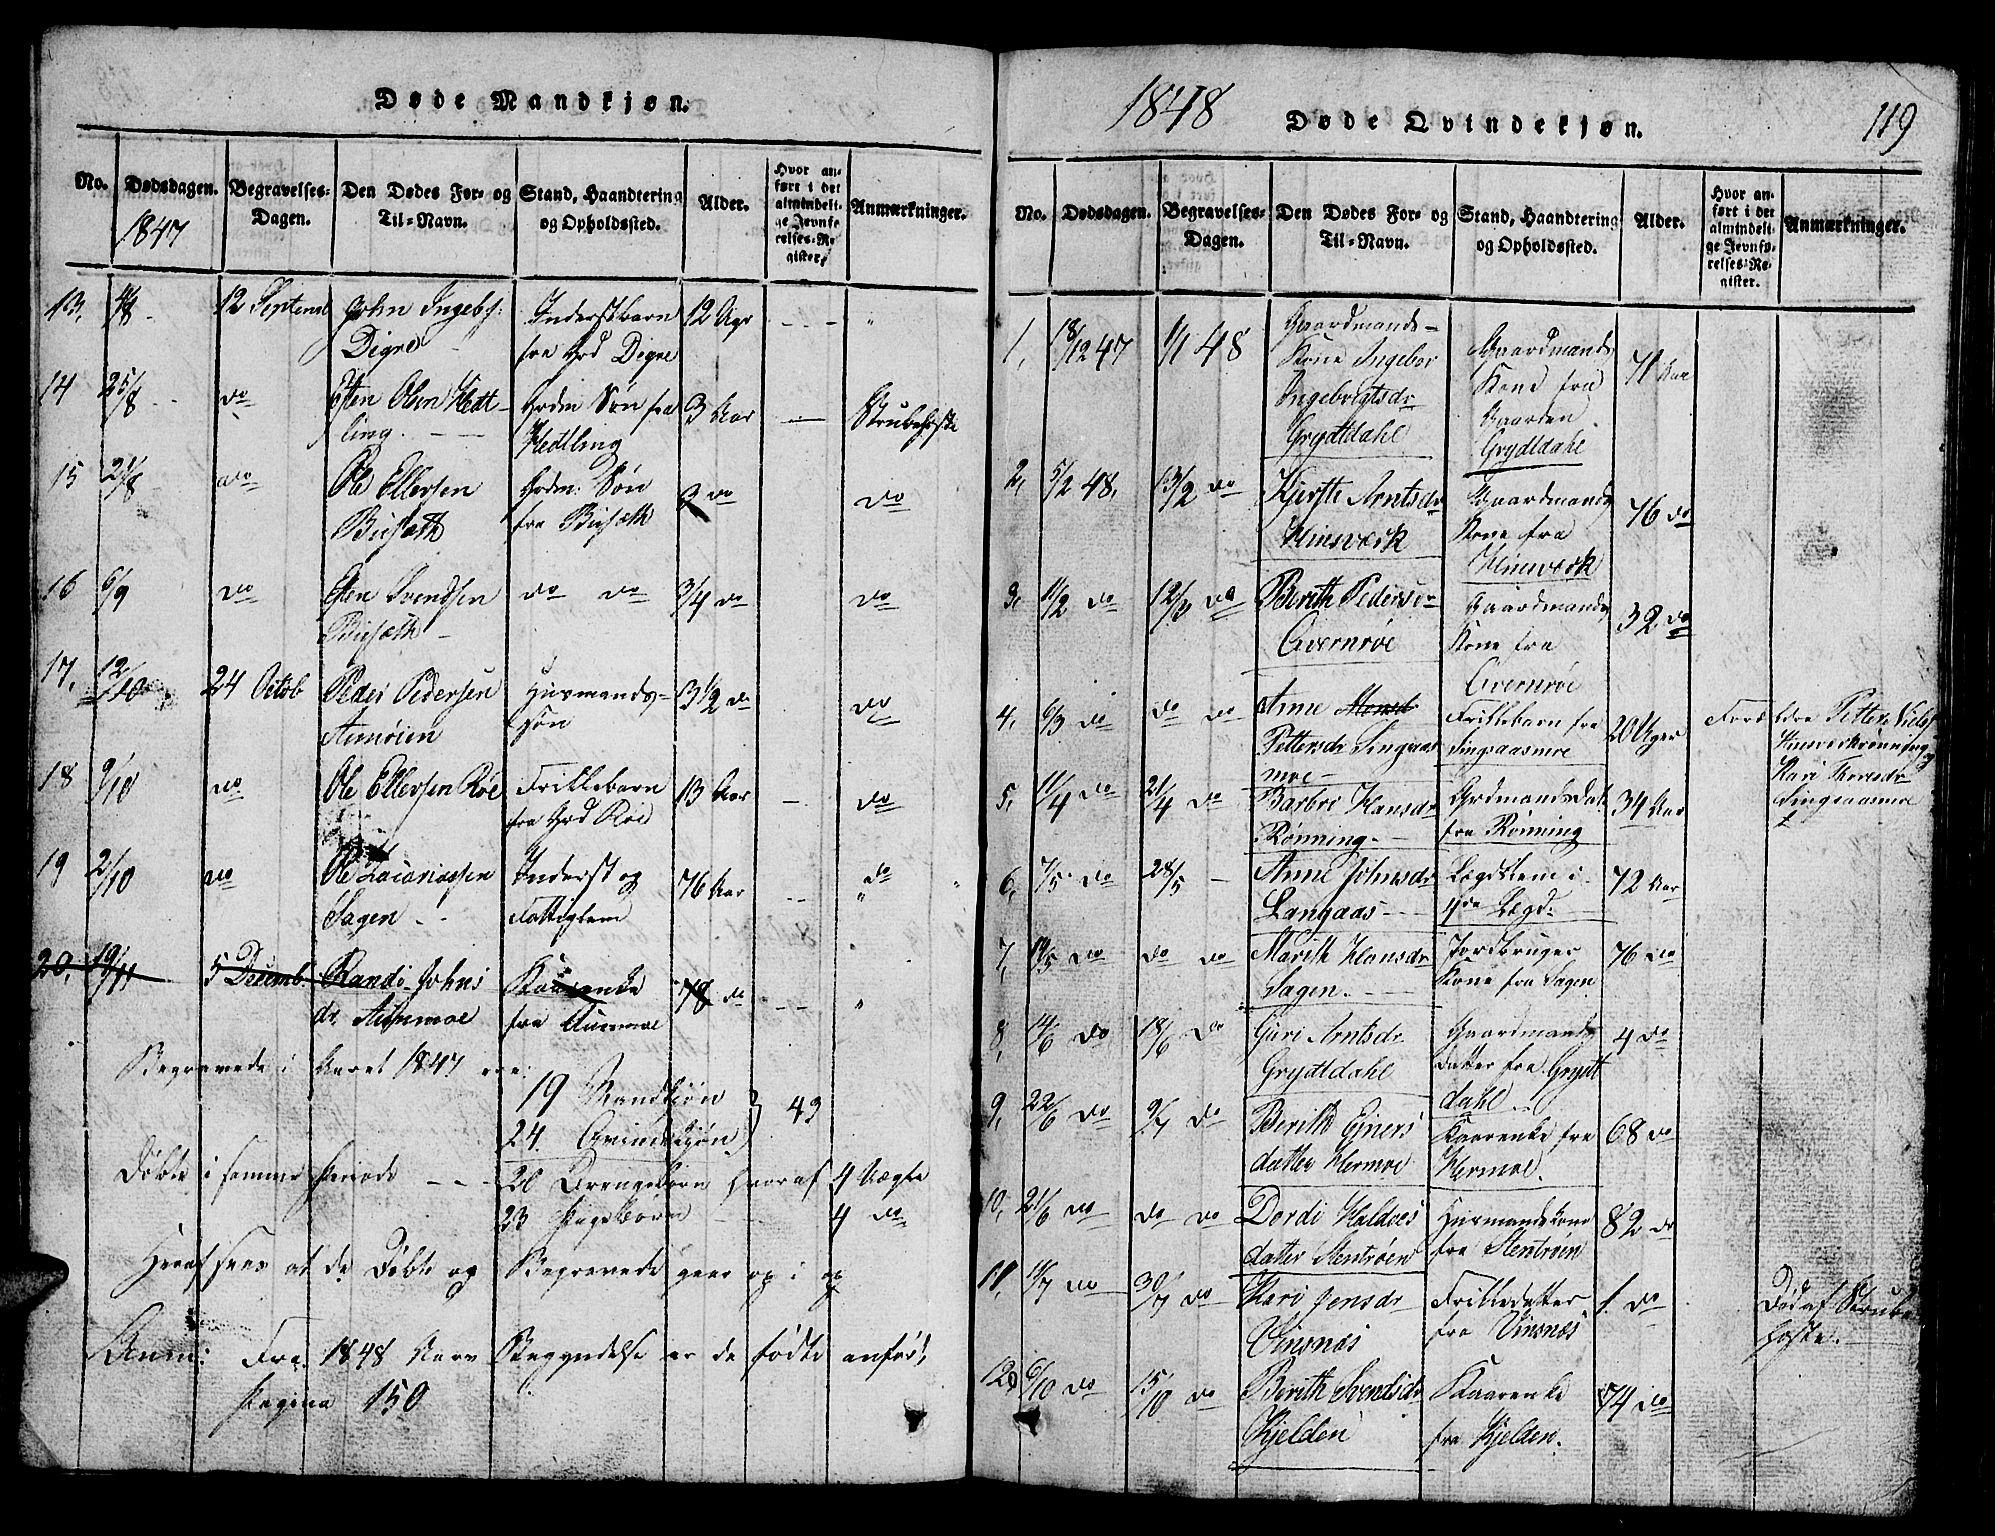 SAT, Ministerialprotokoller, klokkerbøker og fødselsregistre - Sør-Trøndelag, 688/L1026: Klokkerbok nr. 688C01, 1817-1860, s. 119